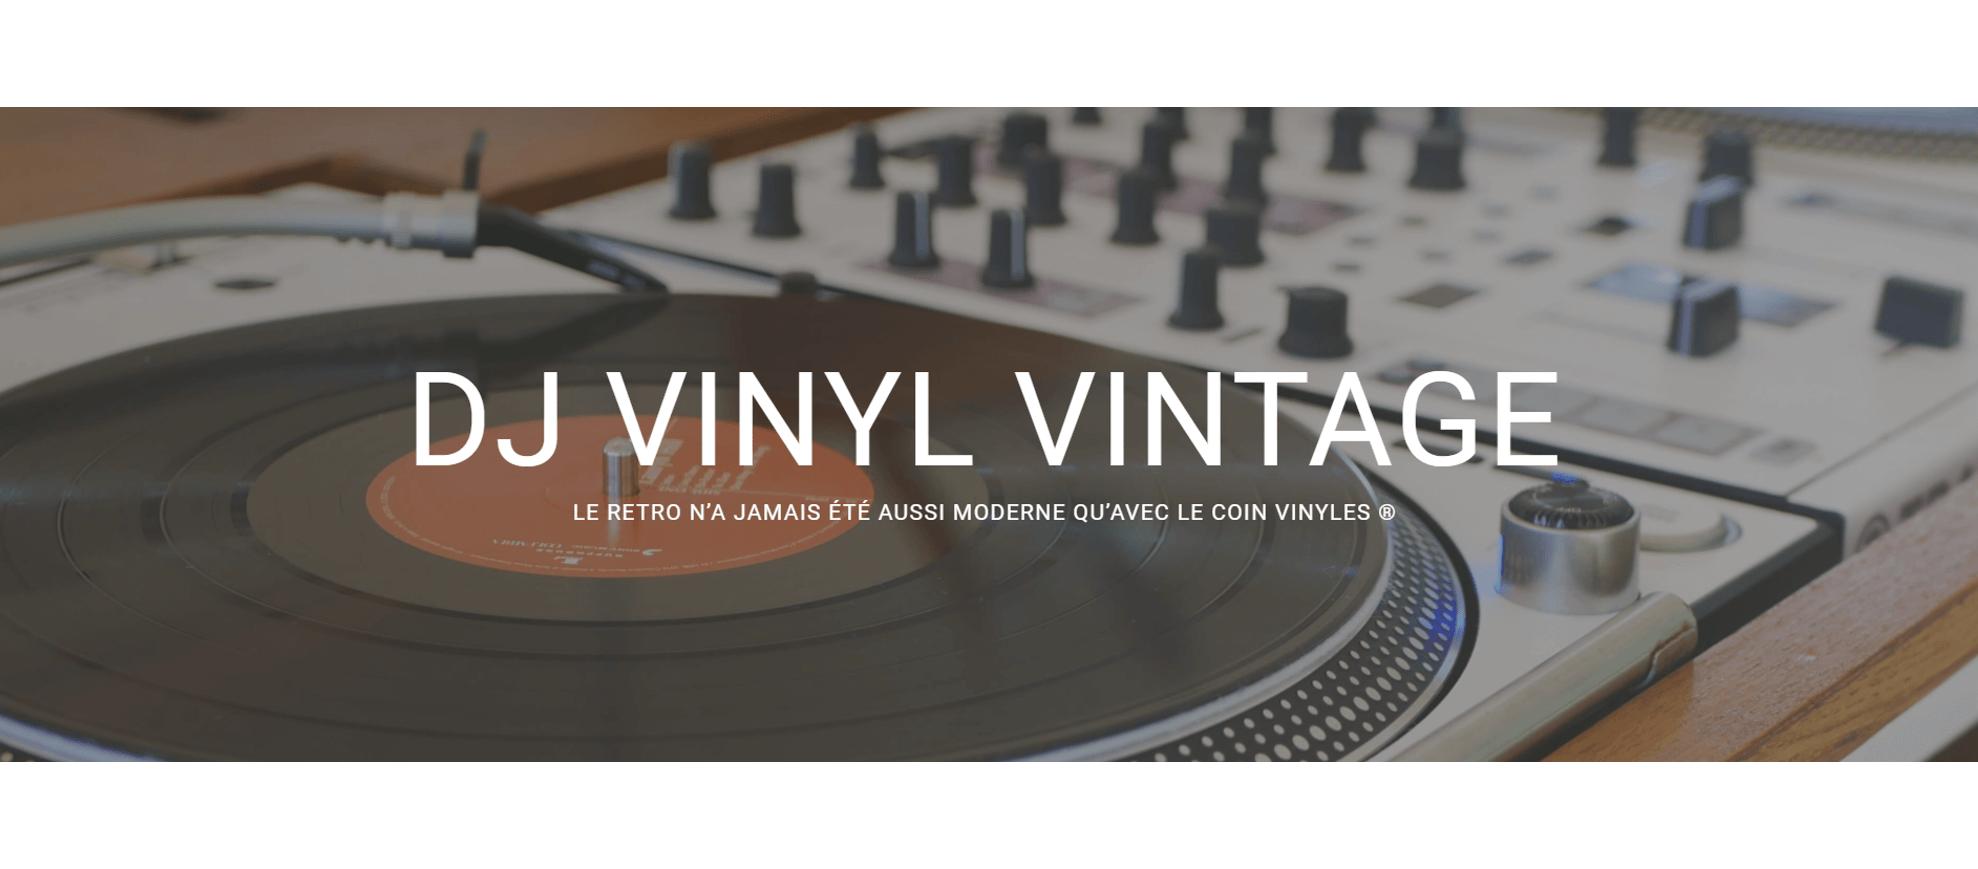 dj_vinyl_dj_m4t_vintage